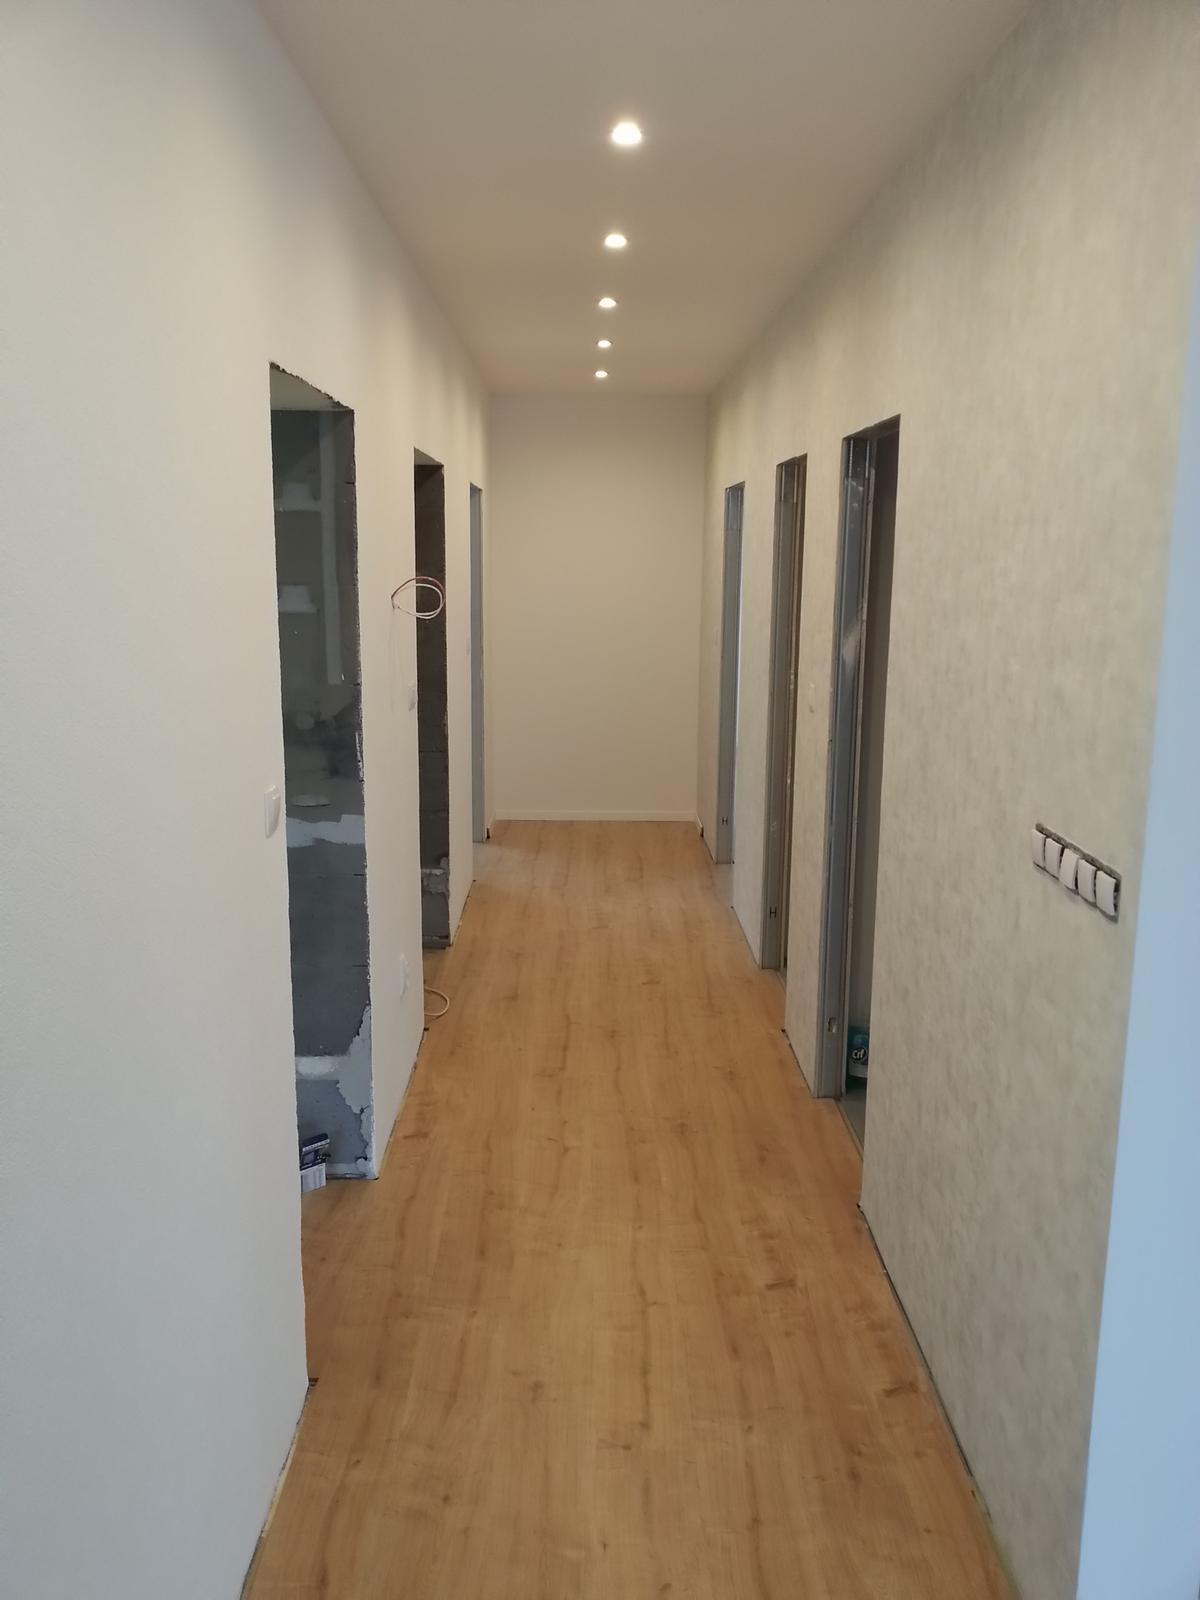 InTeRiEr -  ExTeRiEr - Uplne dozadu na chodbe pride vstavana skrina, dvere na nej budu len zrkadla.